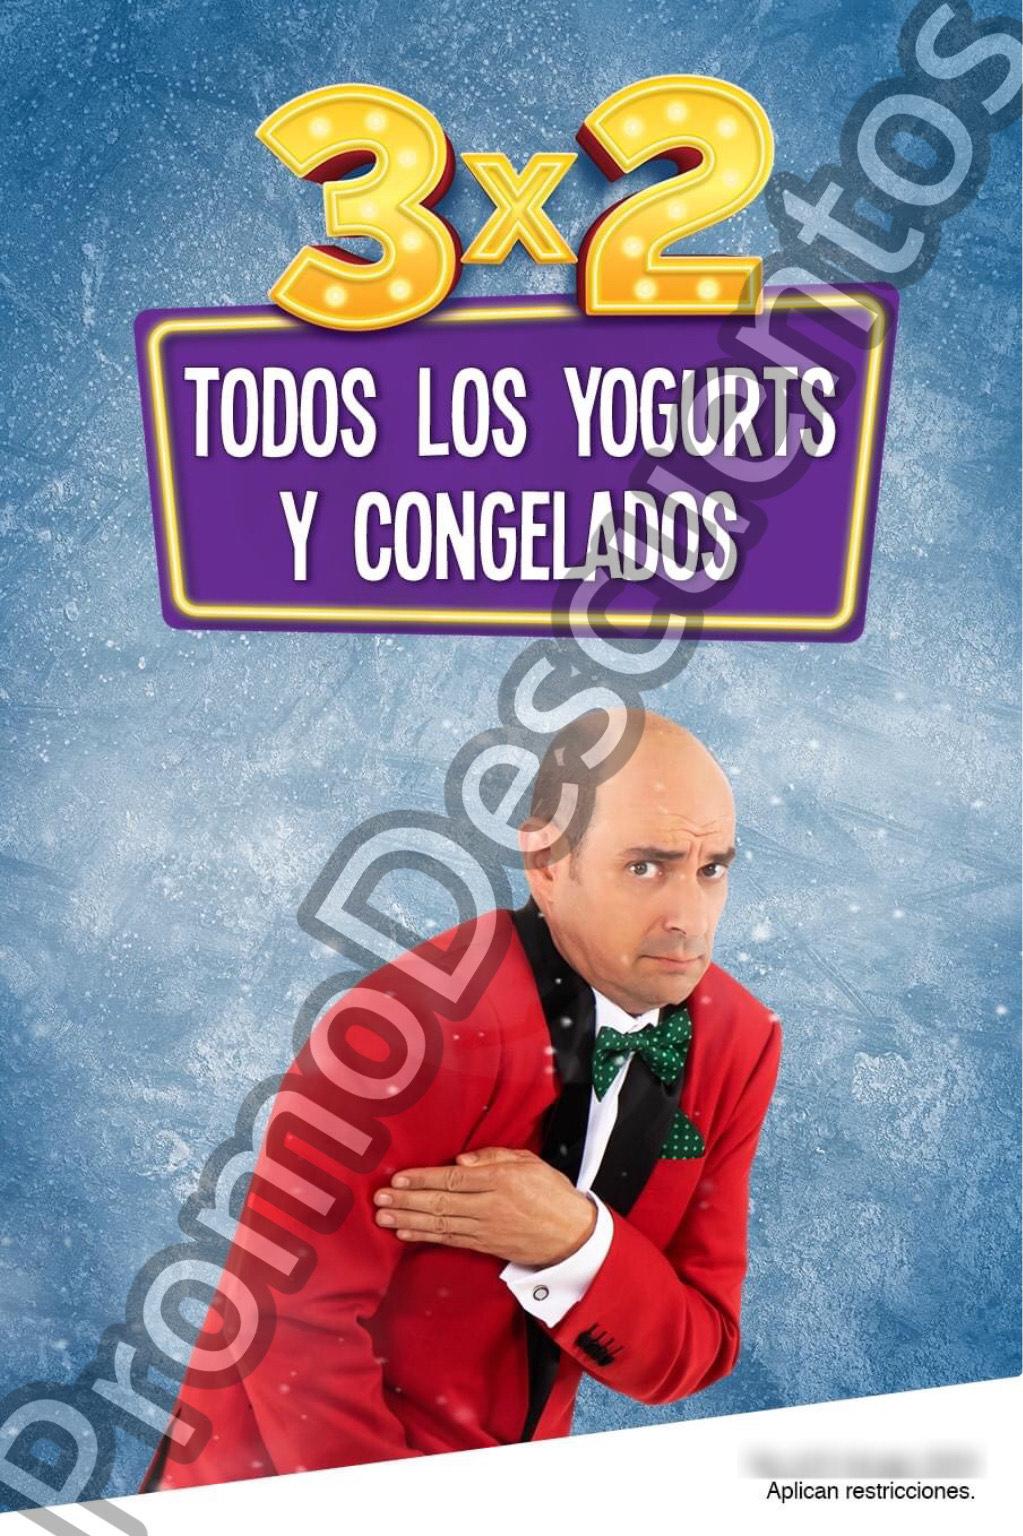 Julio Regalado 2020 en Soriana: 3x2 en TODOS los Congelados y Yoghurts